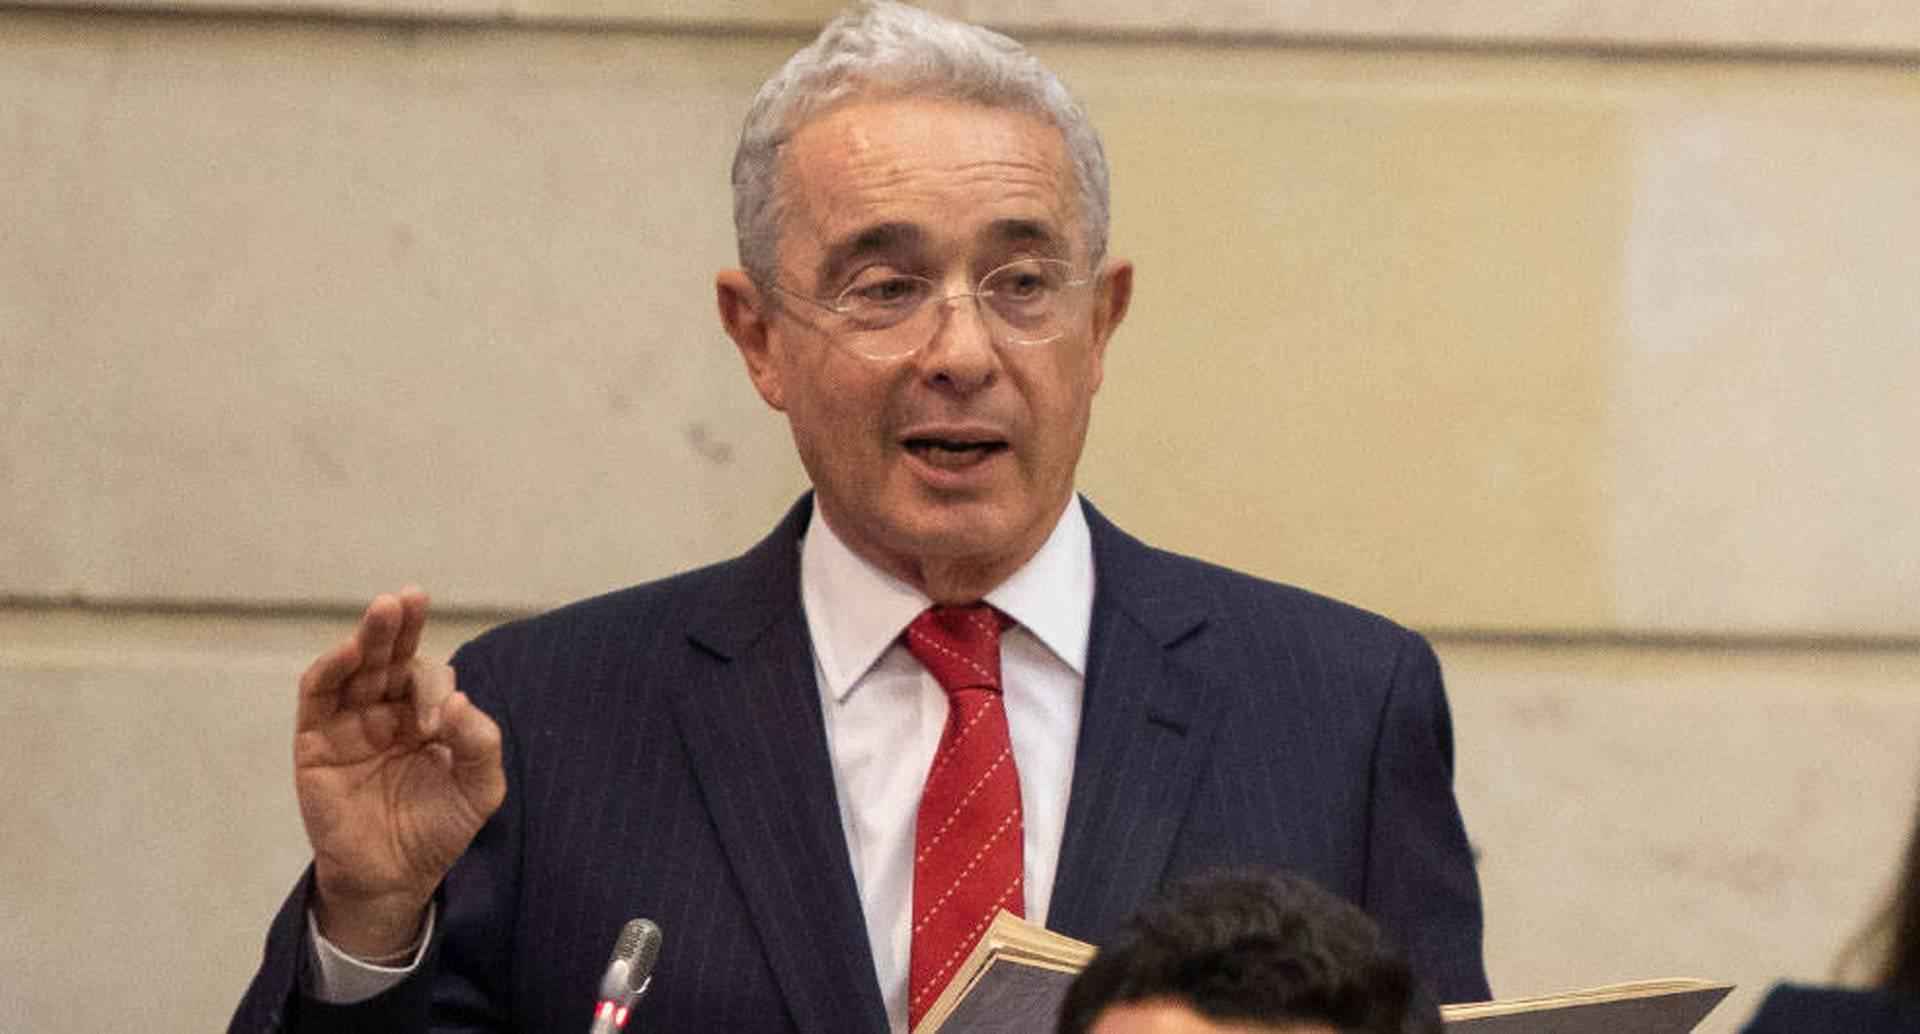 En el caso Uribe, se espera el próximo llamado a indagatoria del expresidente en la Corte Suprema.